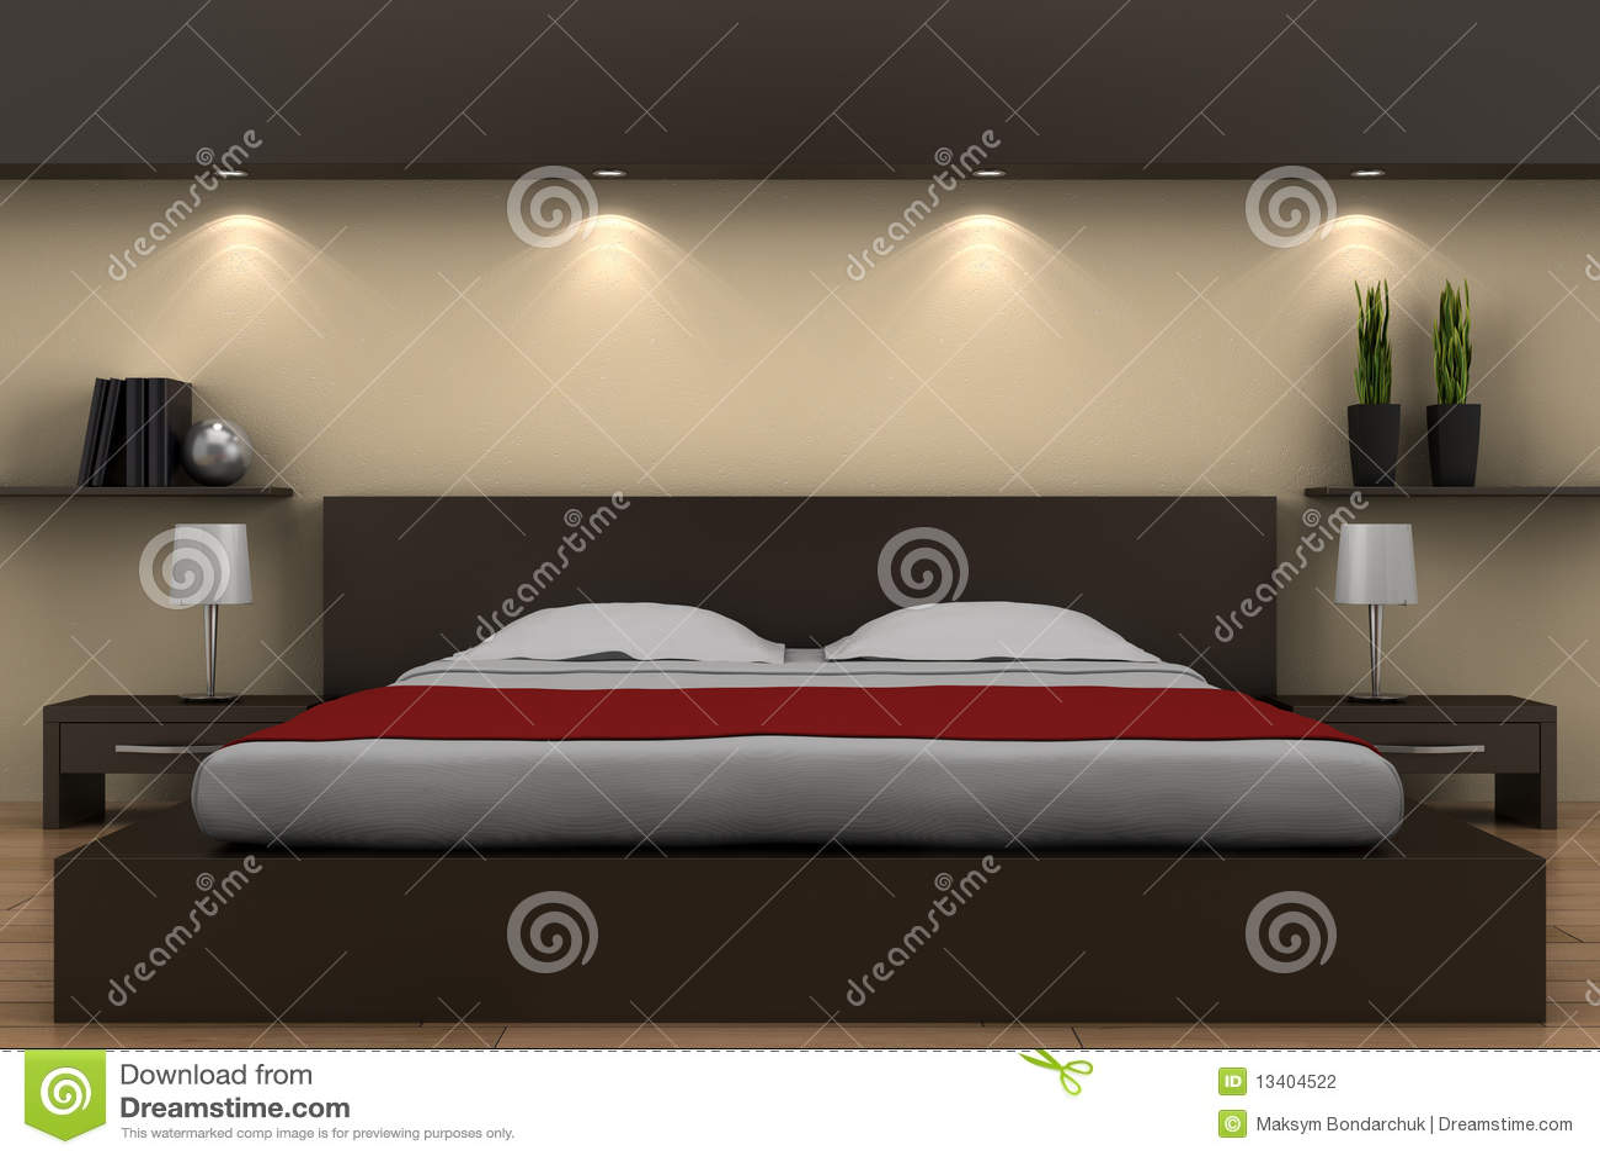 Parete Camera Da Letto Marrone : Camera da letto moderna con la base marrone fotografia